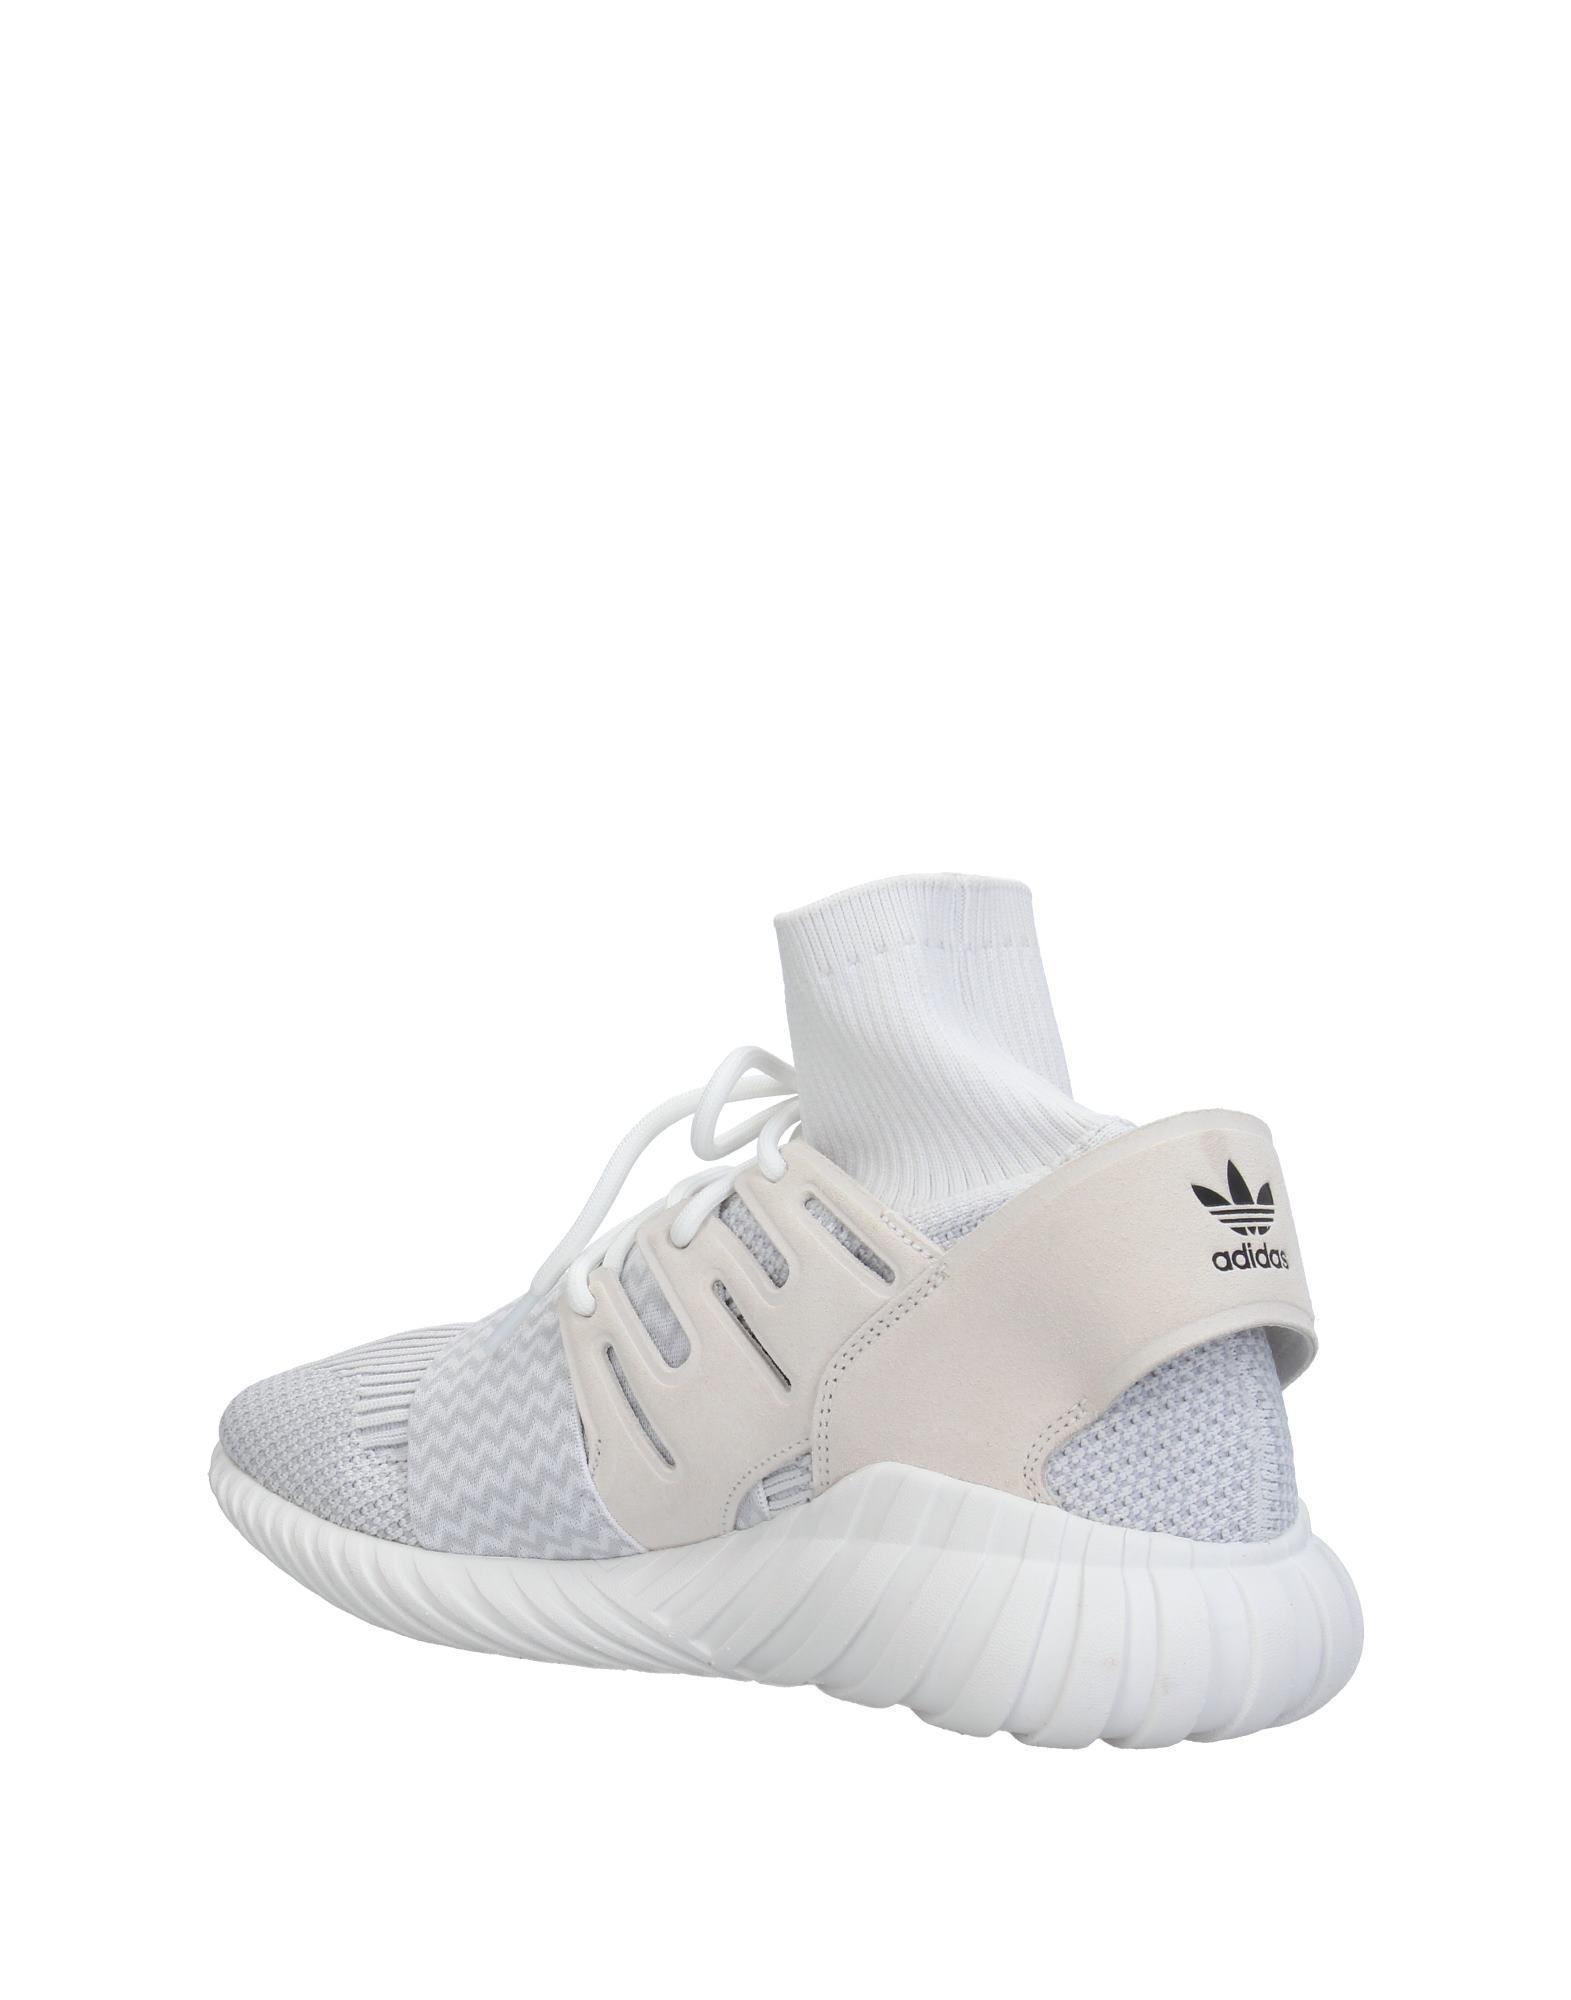 Adidas Adidas Adidas Originals Sneakers Herren Gutes Preis-Leistungs-Verhältnis, es lohnt sich 70b14e